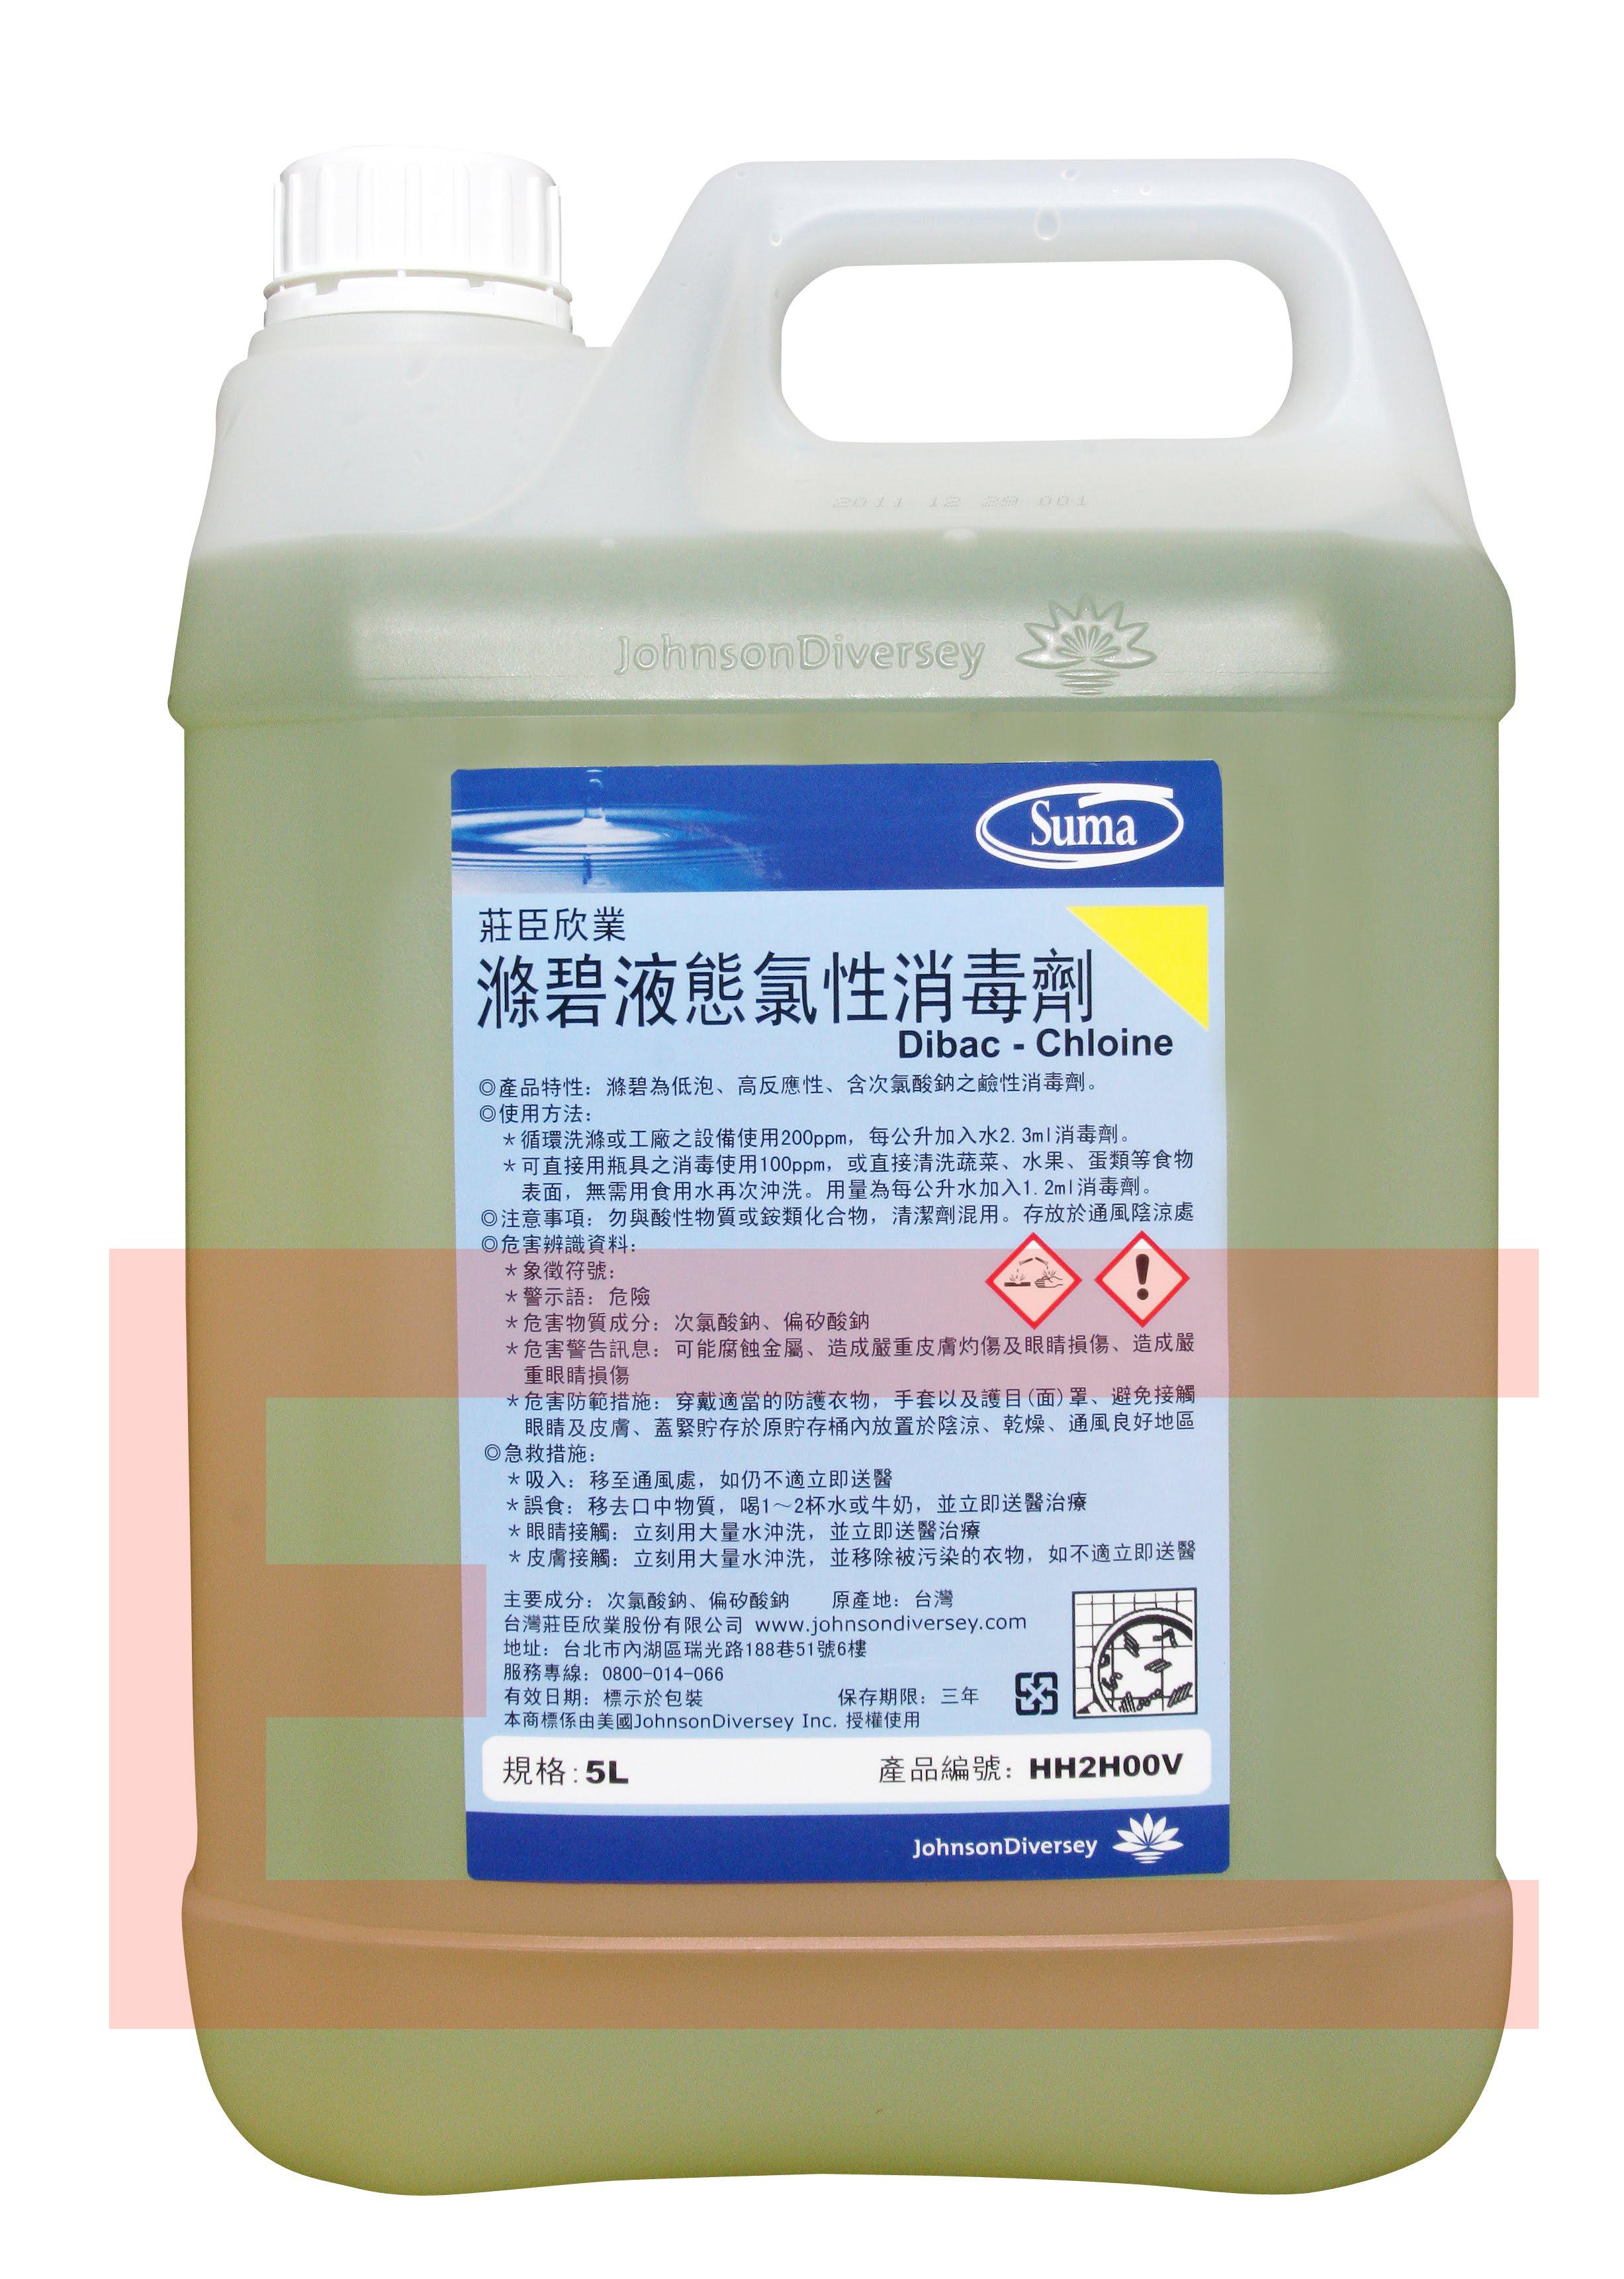 滌碧氯性消毒劑